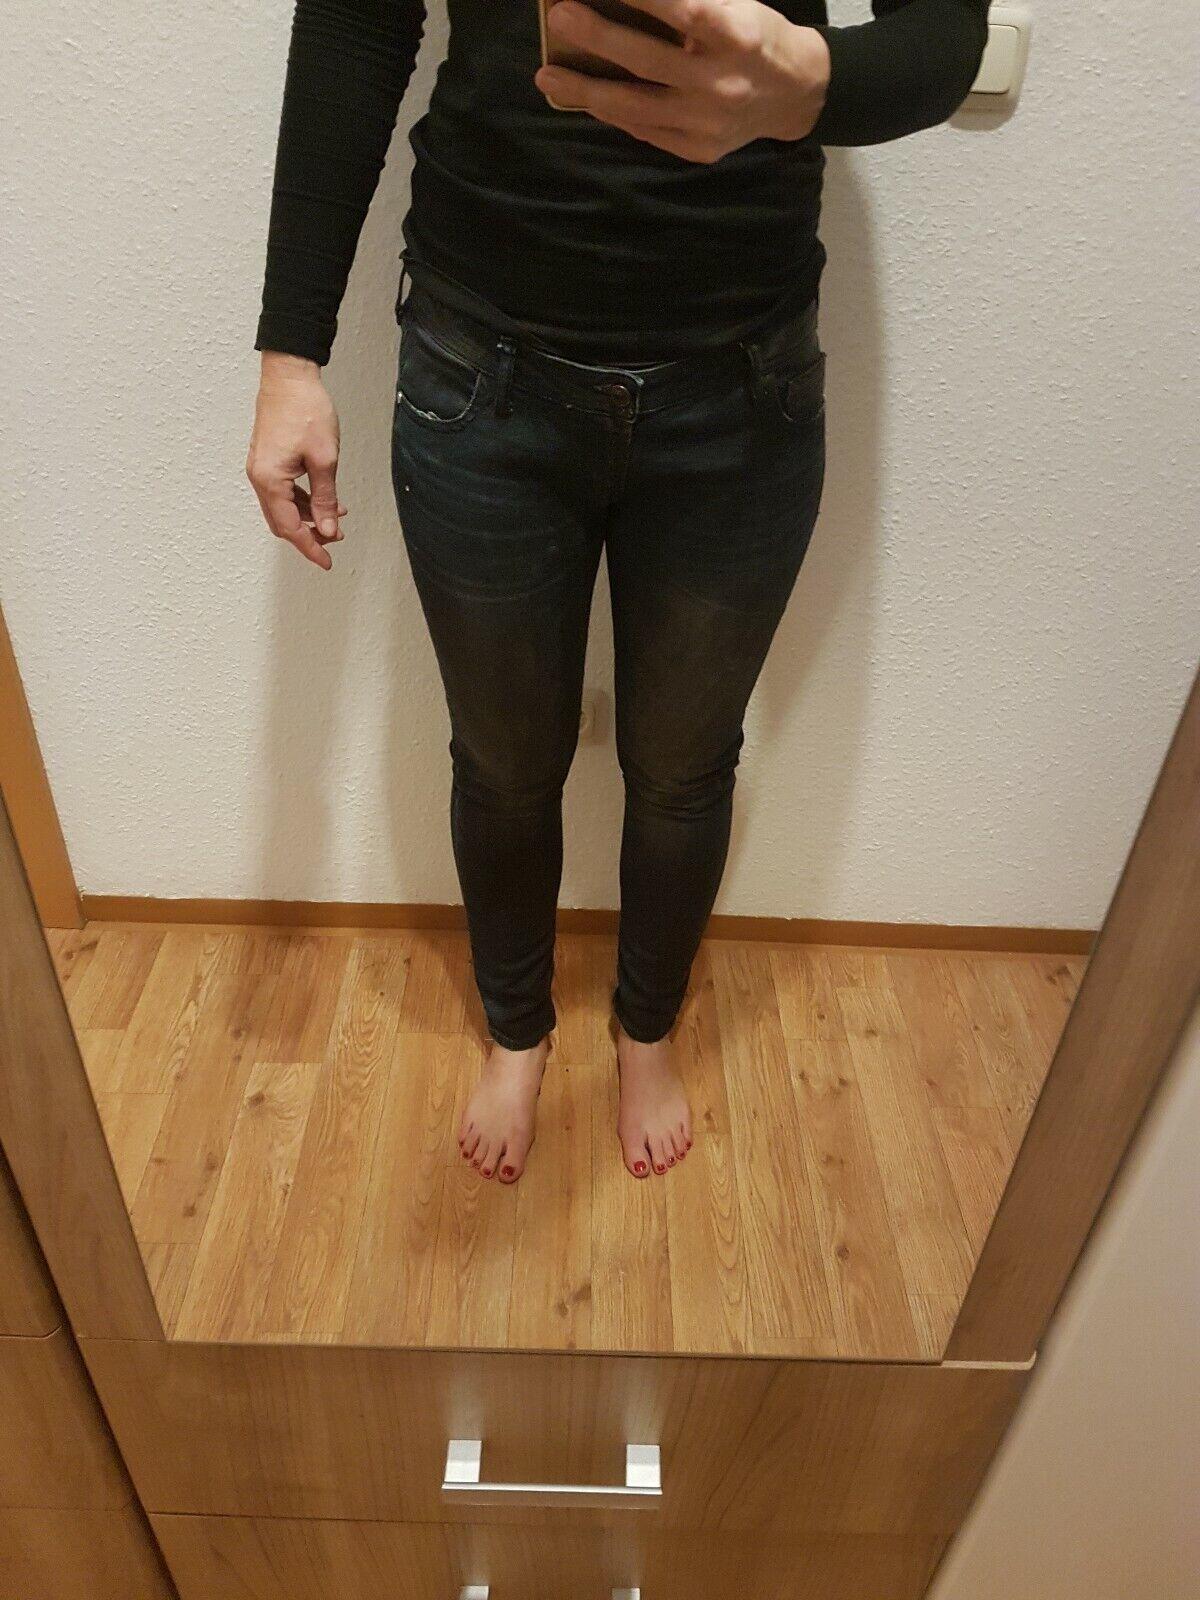 Jeans von Guess | Vorzügliche Verarbeitung  | Schön geformt  geformt  geformt  | Zahlreiche In Vielfalt  | Bevorzugtes Material  41337a